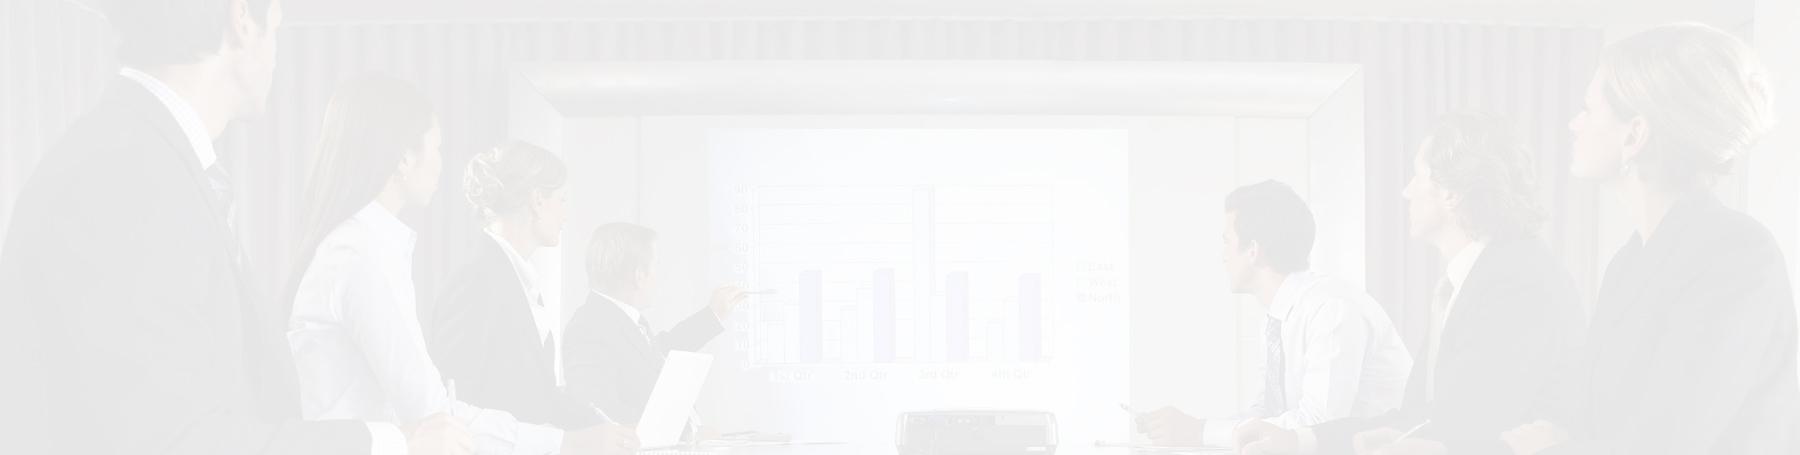 seminarzentrum-slider-5